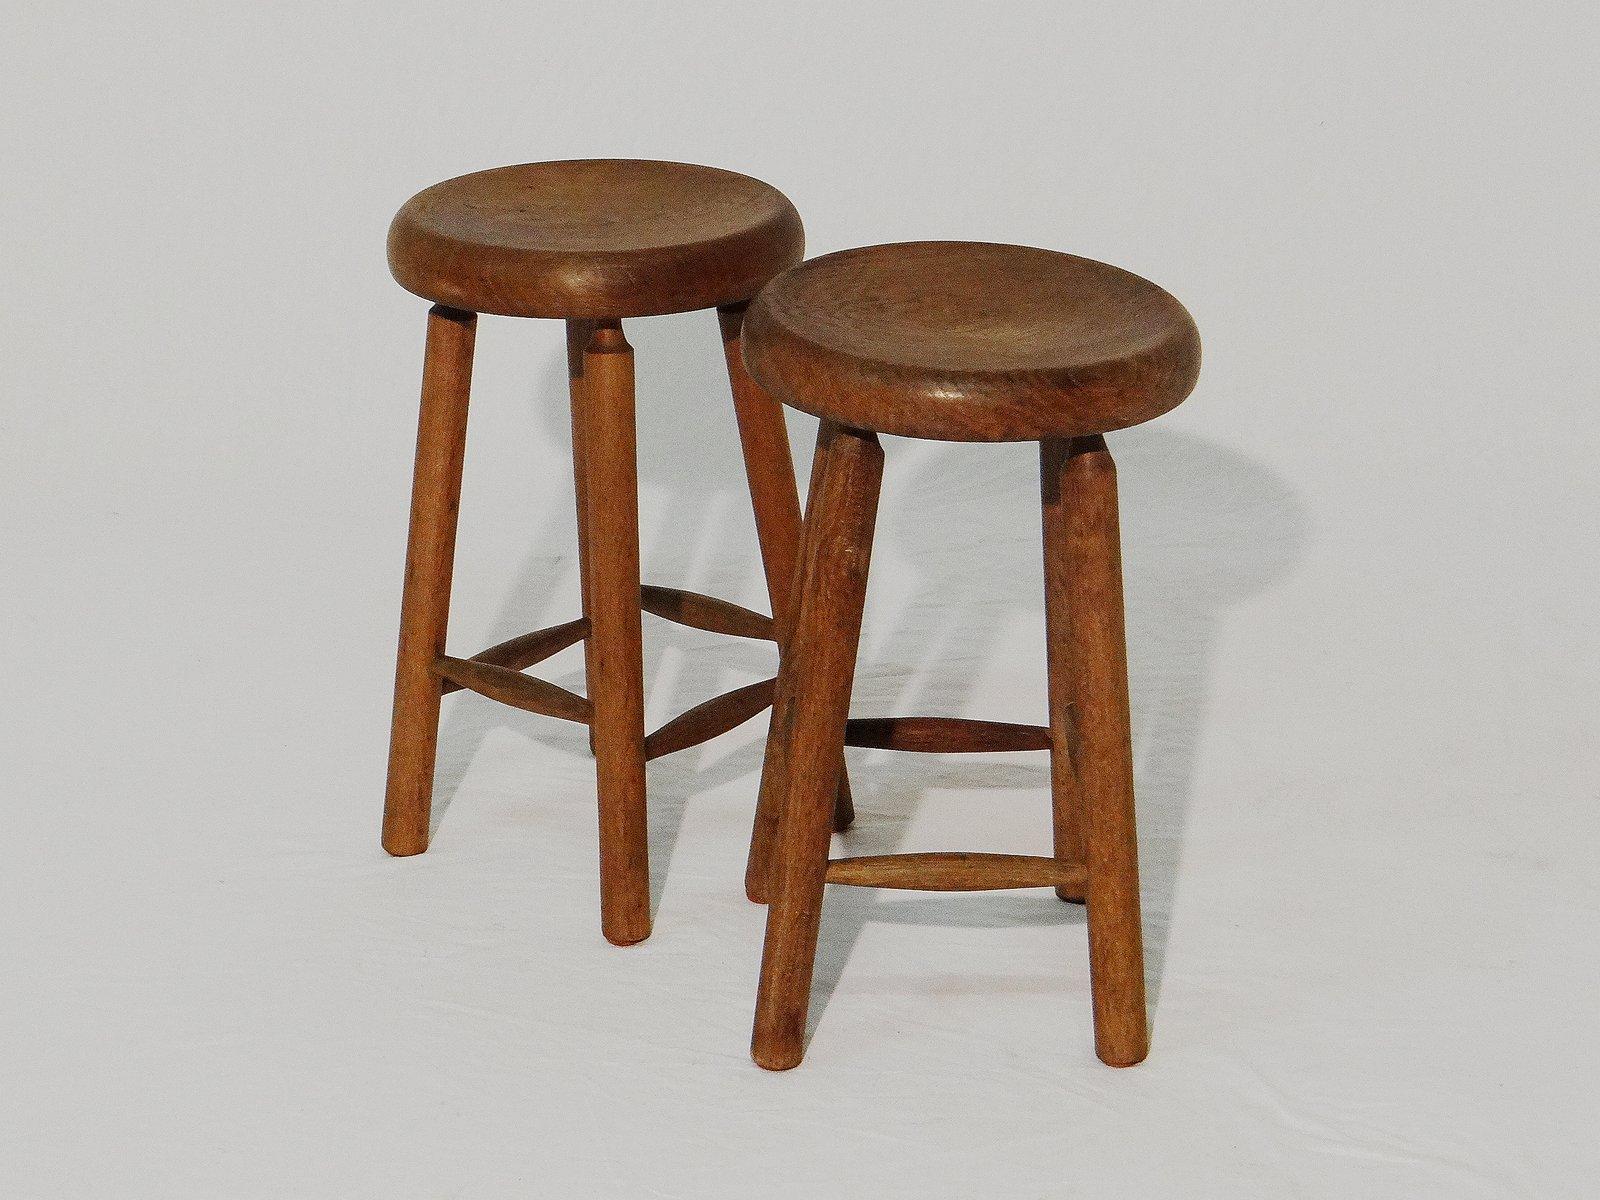 Sgabelli Noce : Sgabelli vintage in legno di noce set di 2 in vendita su pamono